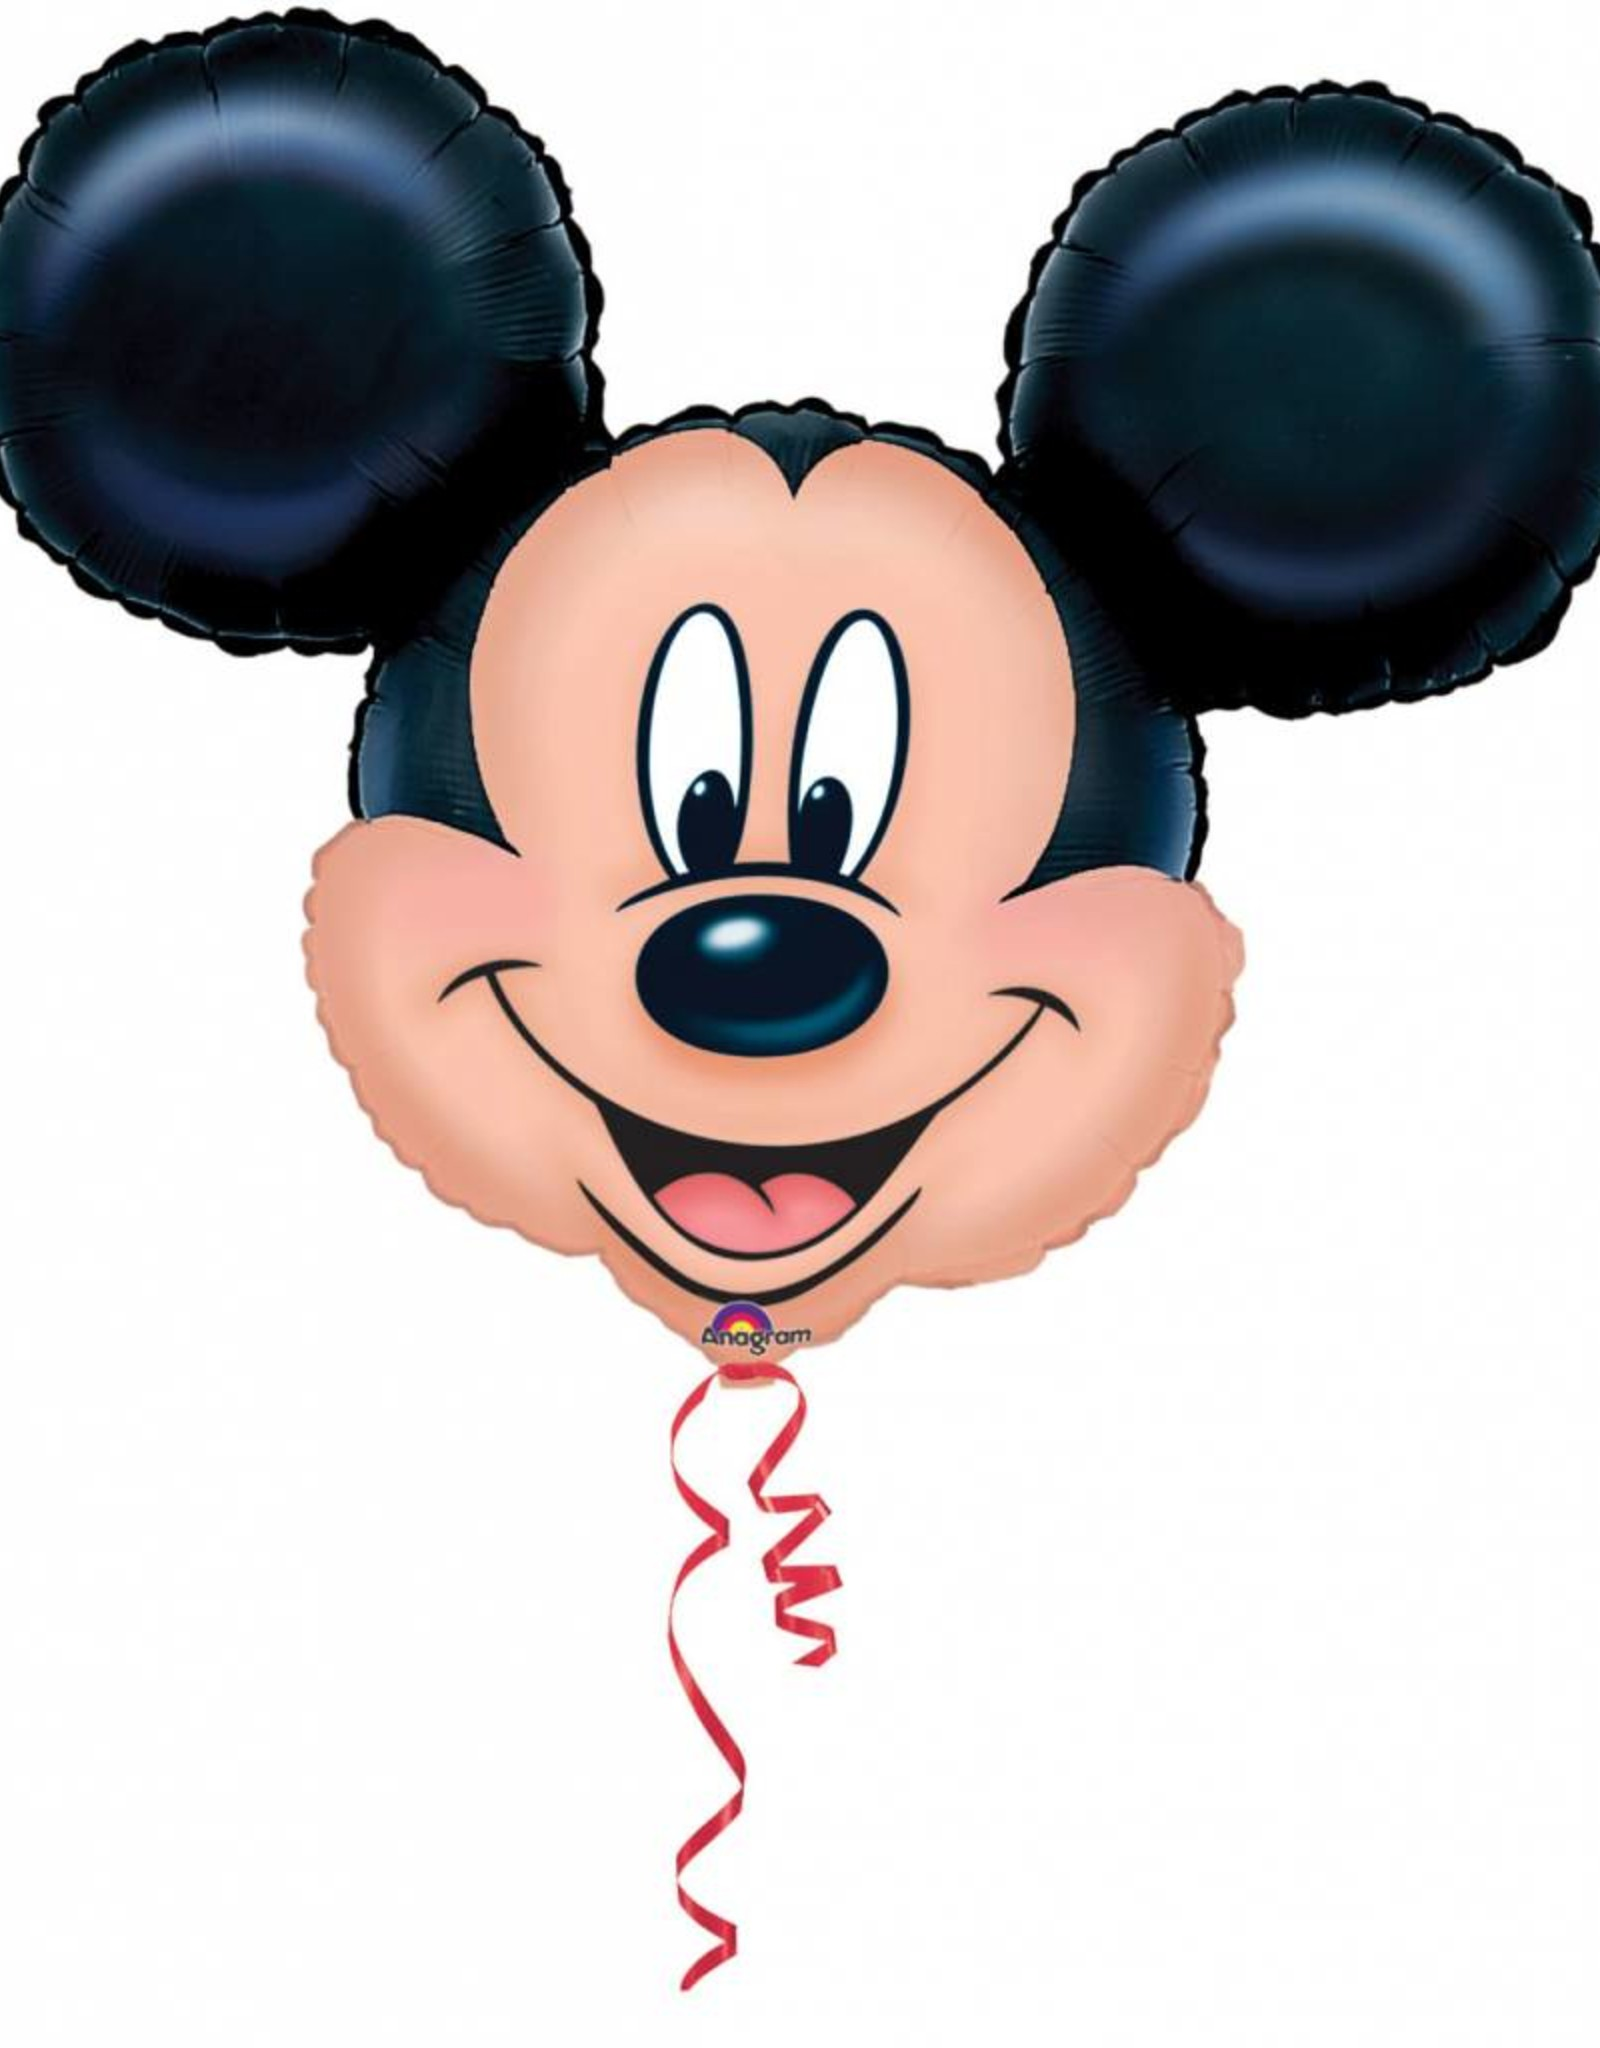 IBS folie mickey mouse met helium